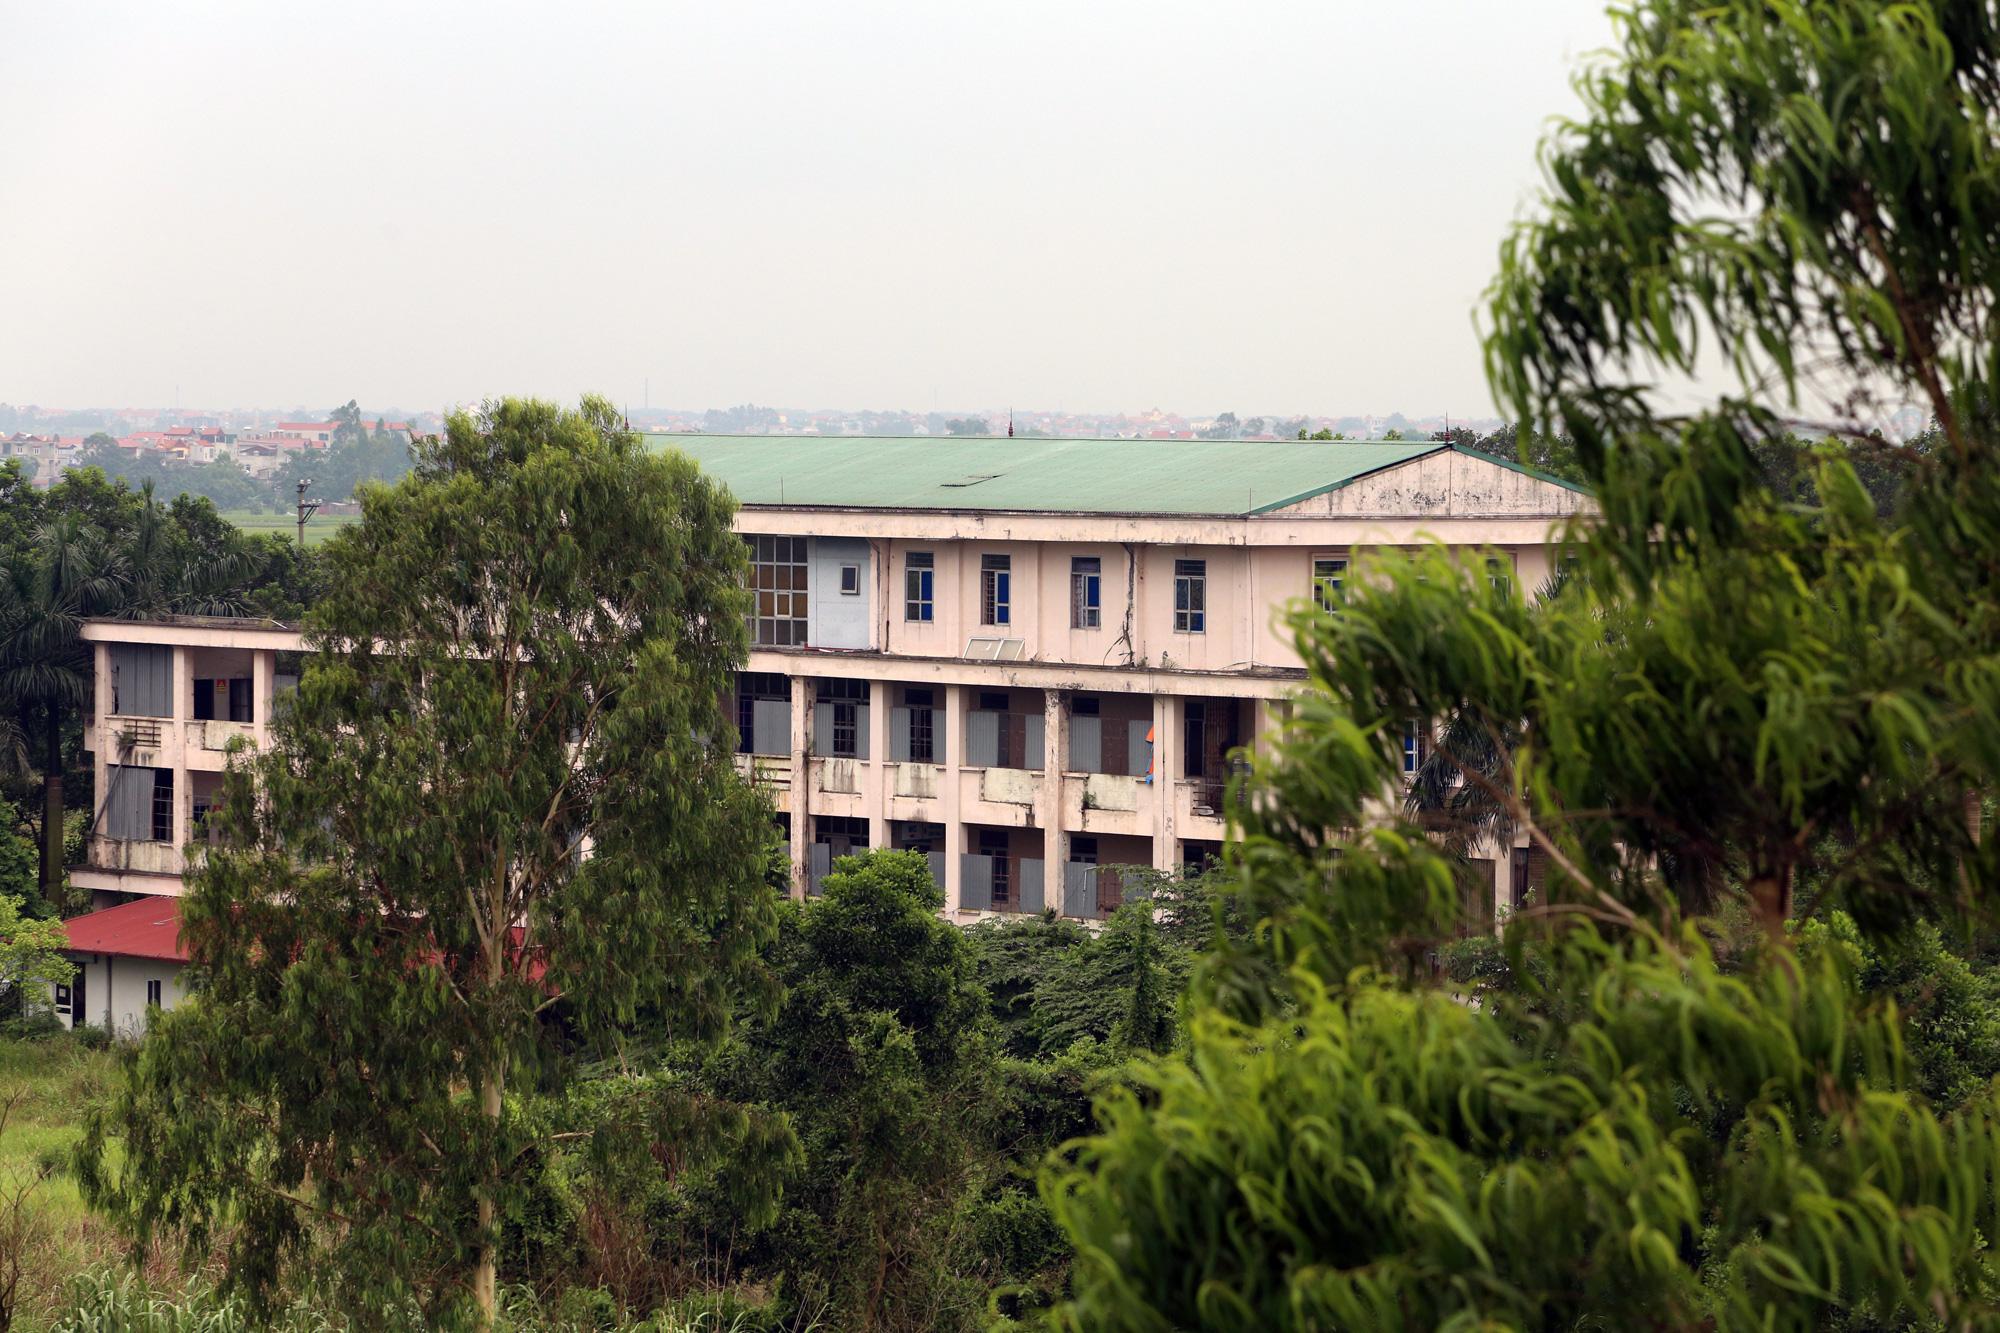 Điểm danh những dự án bệnh viện nghìn tỉ bỏ hoang tại Hà Nội - Ảnh 1.